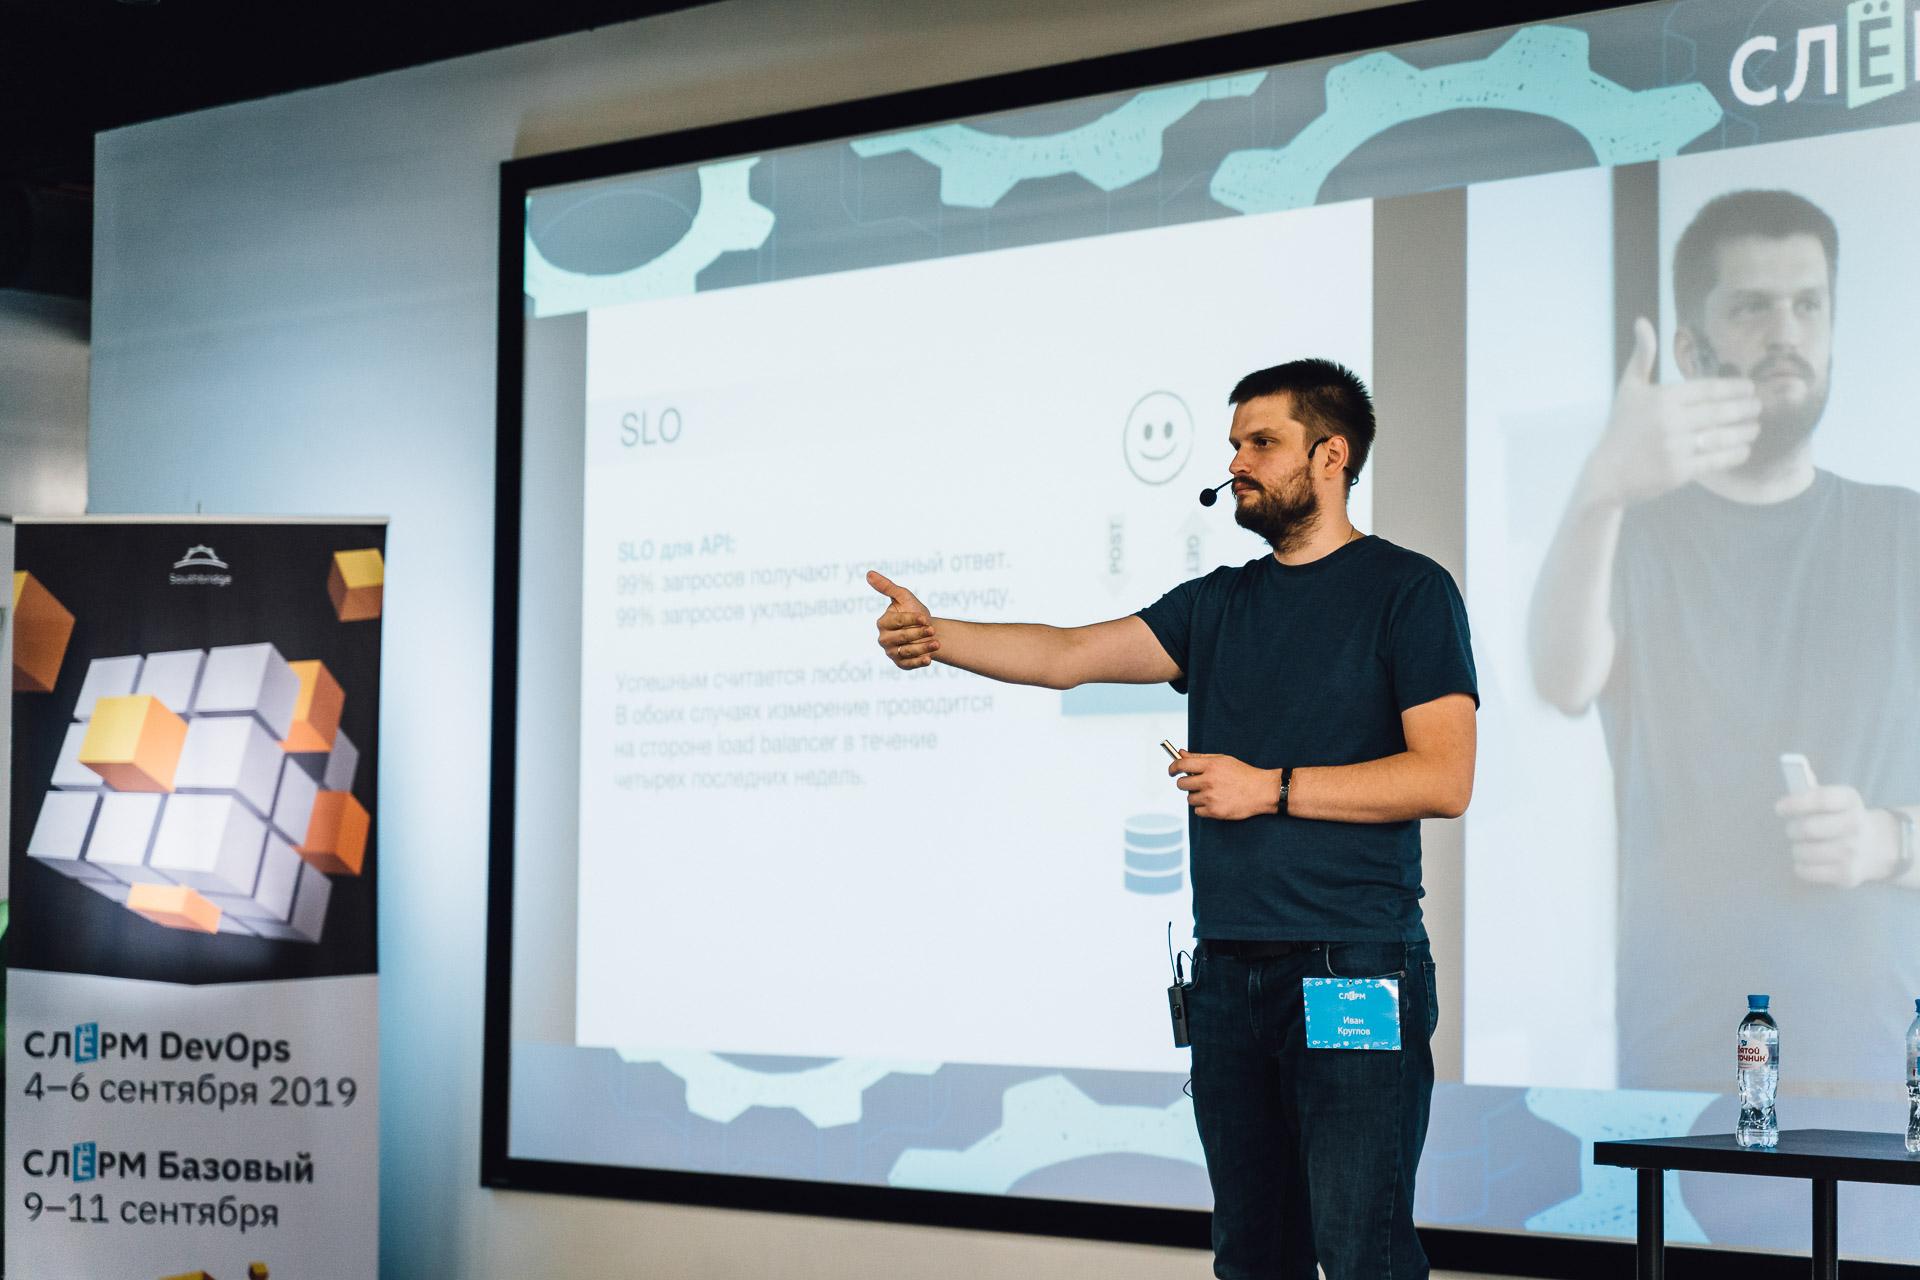 Интервью с Иваном Кругловым, Principal Developer: Service Mesh и «нестандартные» инструменты Booking.com - 1